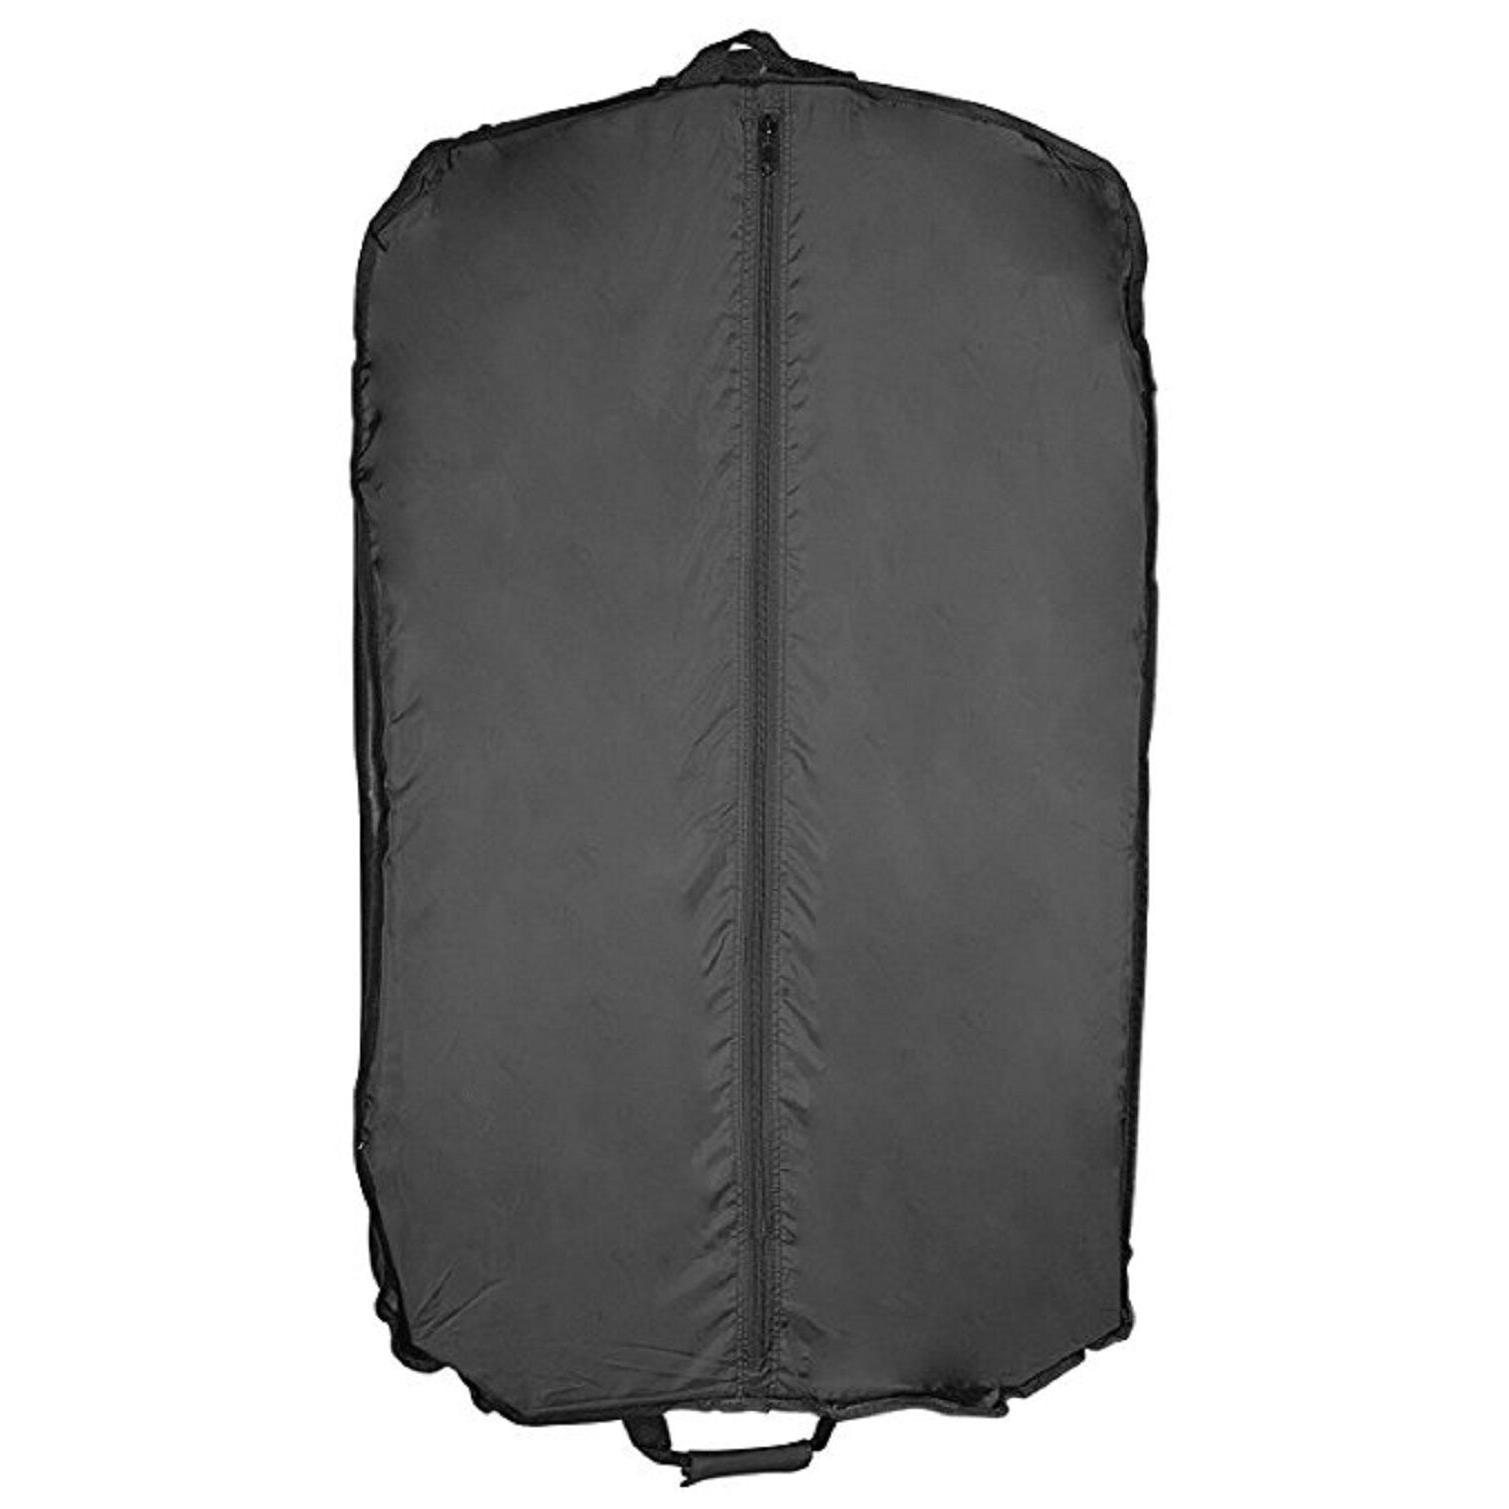 Deluxe Bag Inch